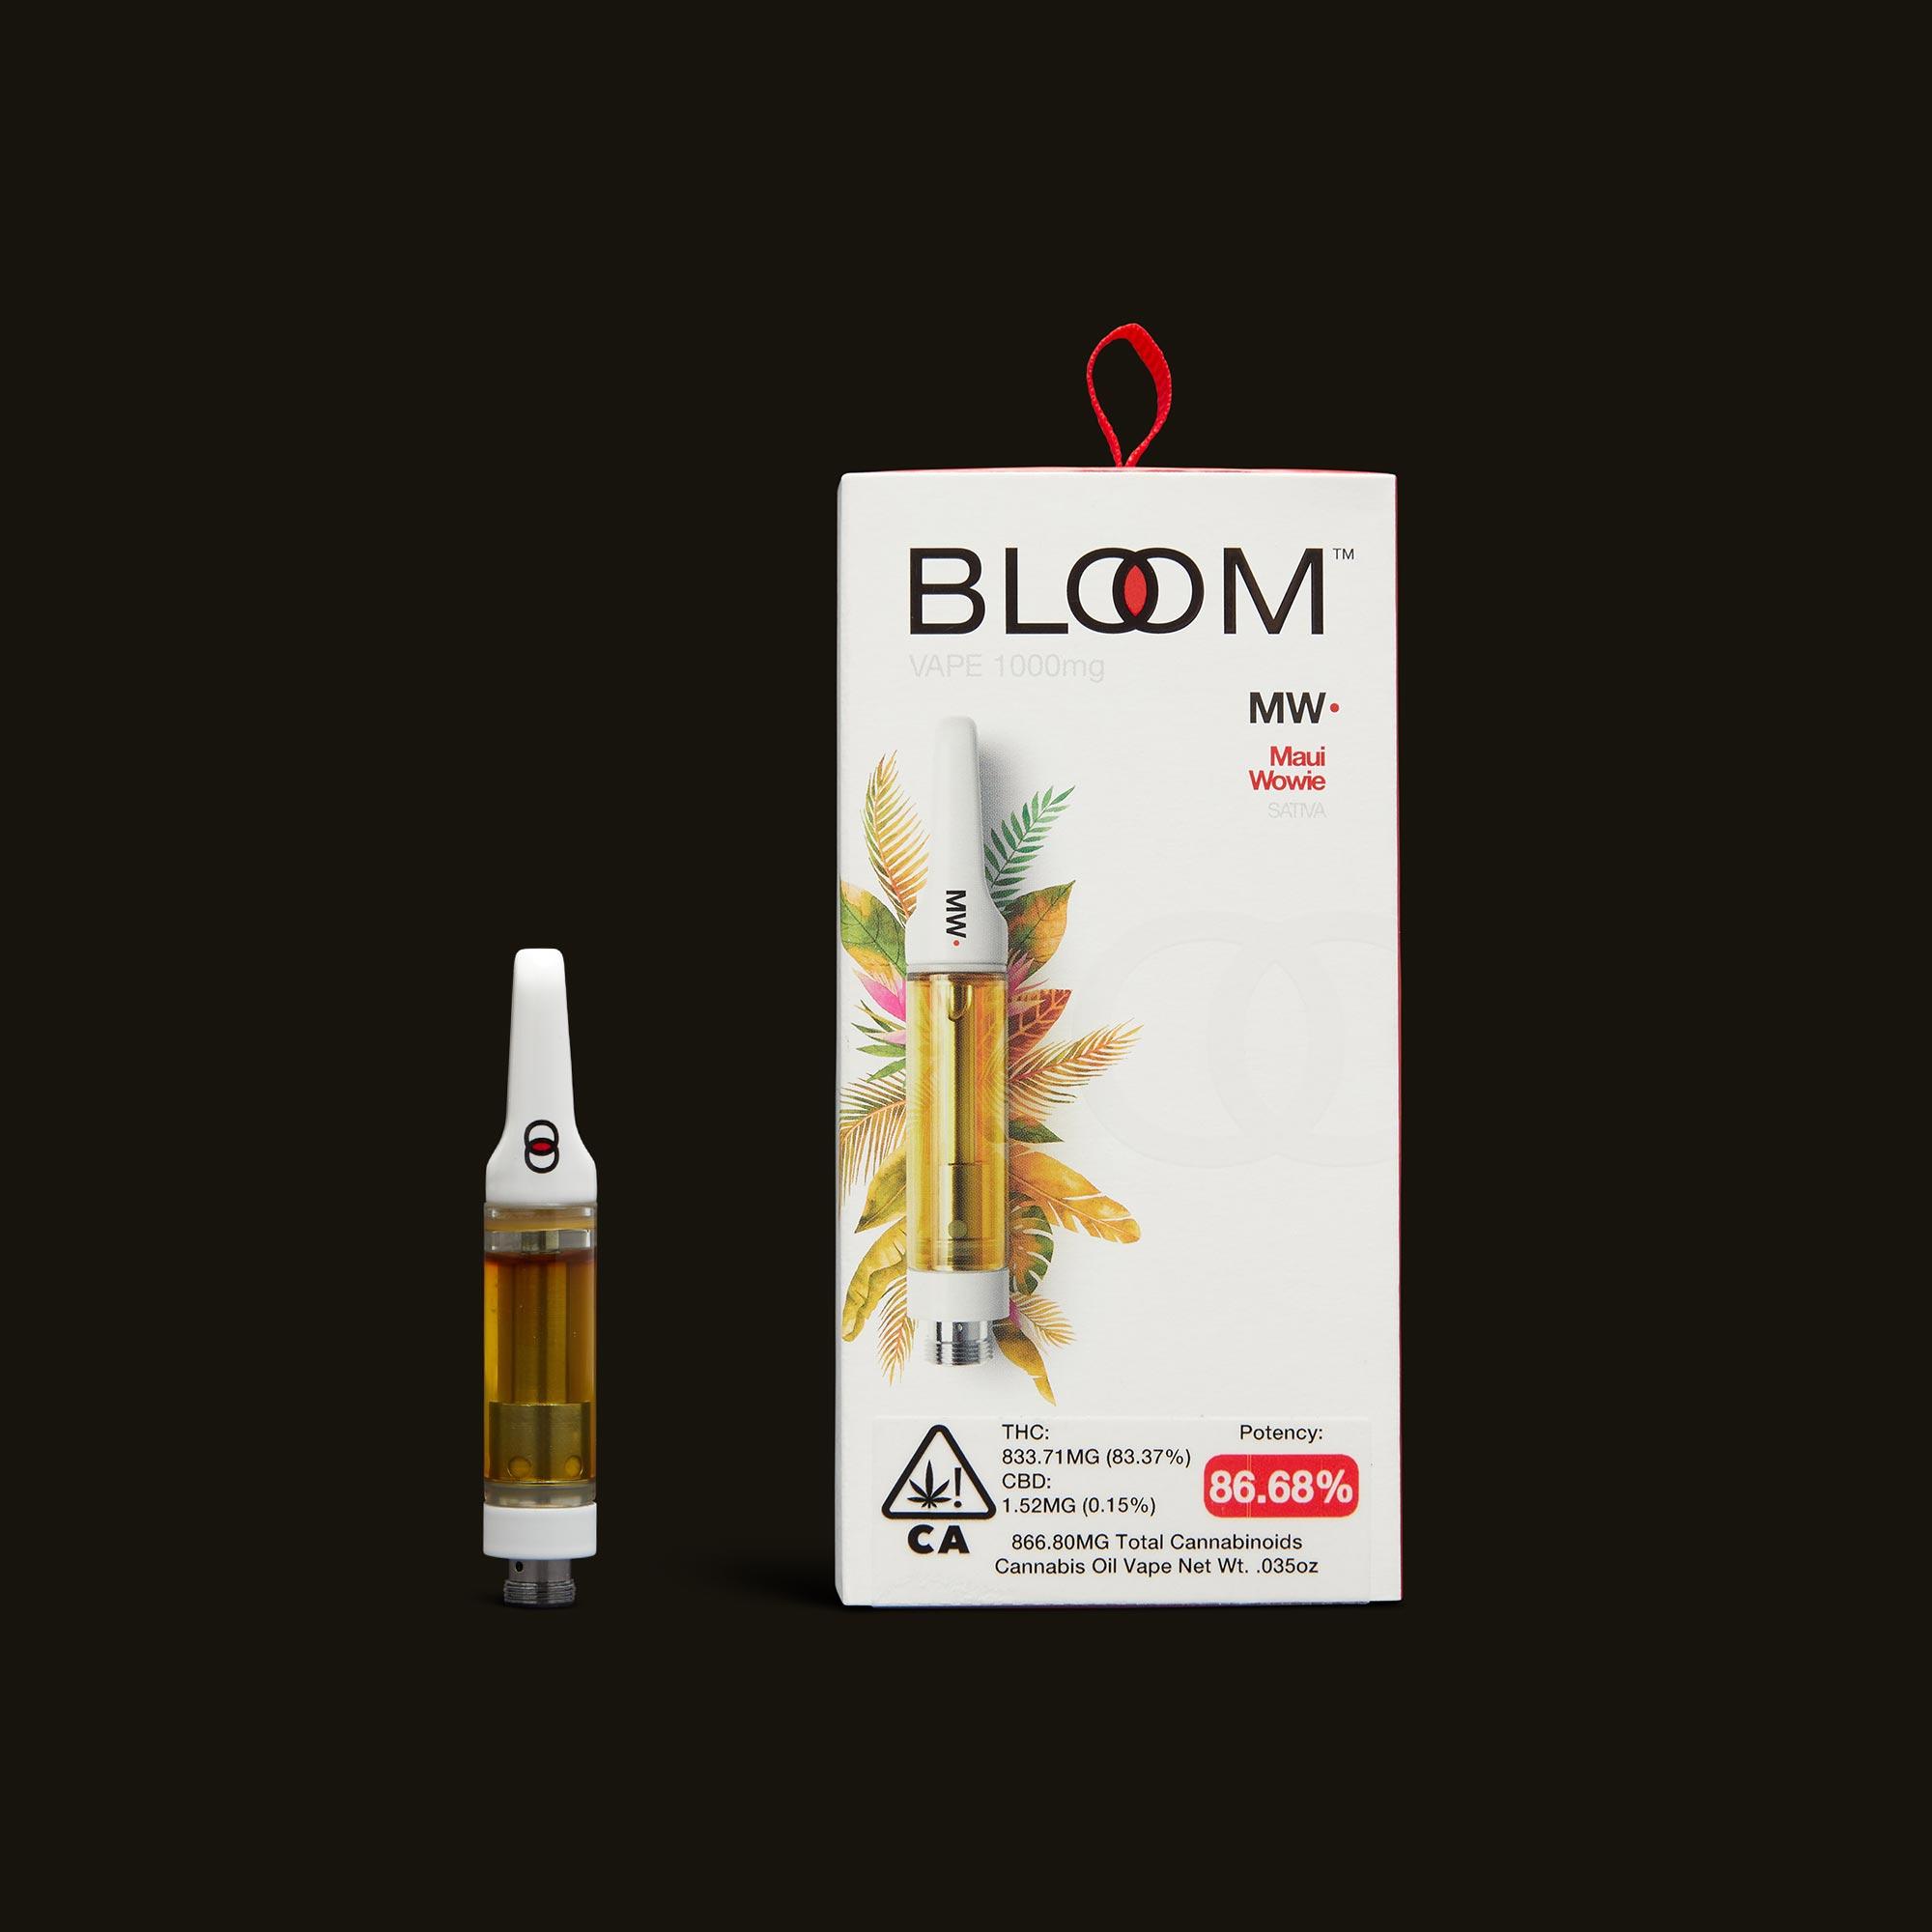 Bloom Brands Maui Wowie Cartridge - 1g